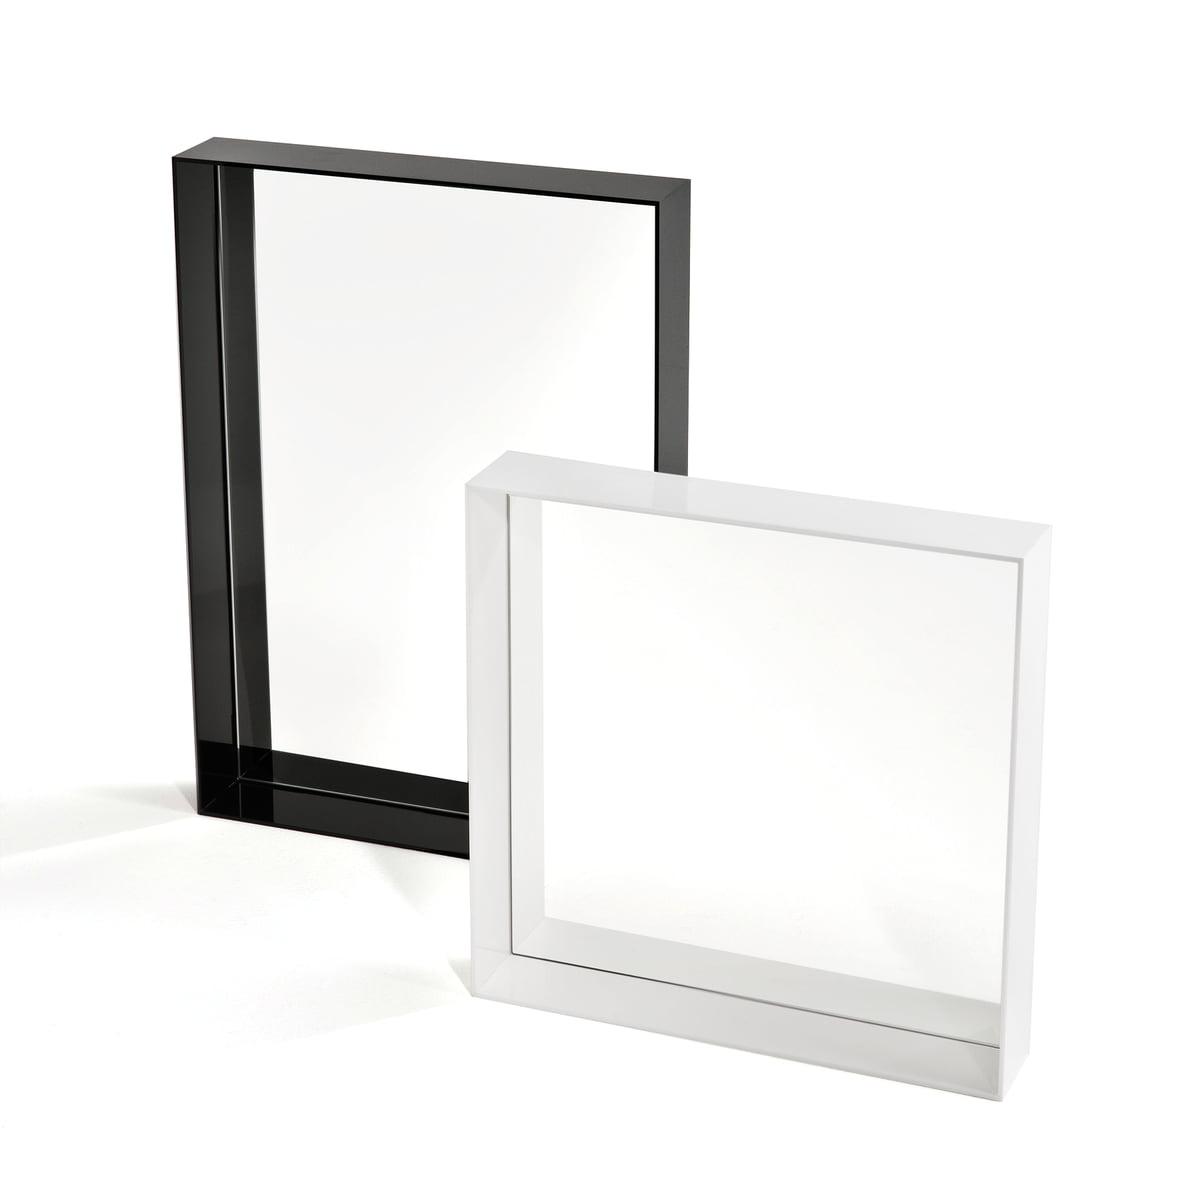 Nett 30 X 60 Gestalteter Spiegel Zeitgenössisch - Benutzerdefinierte ...